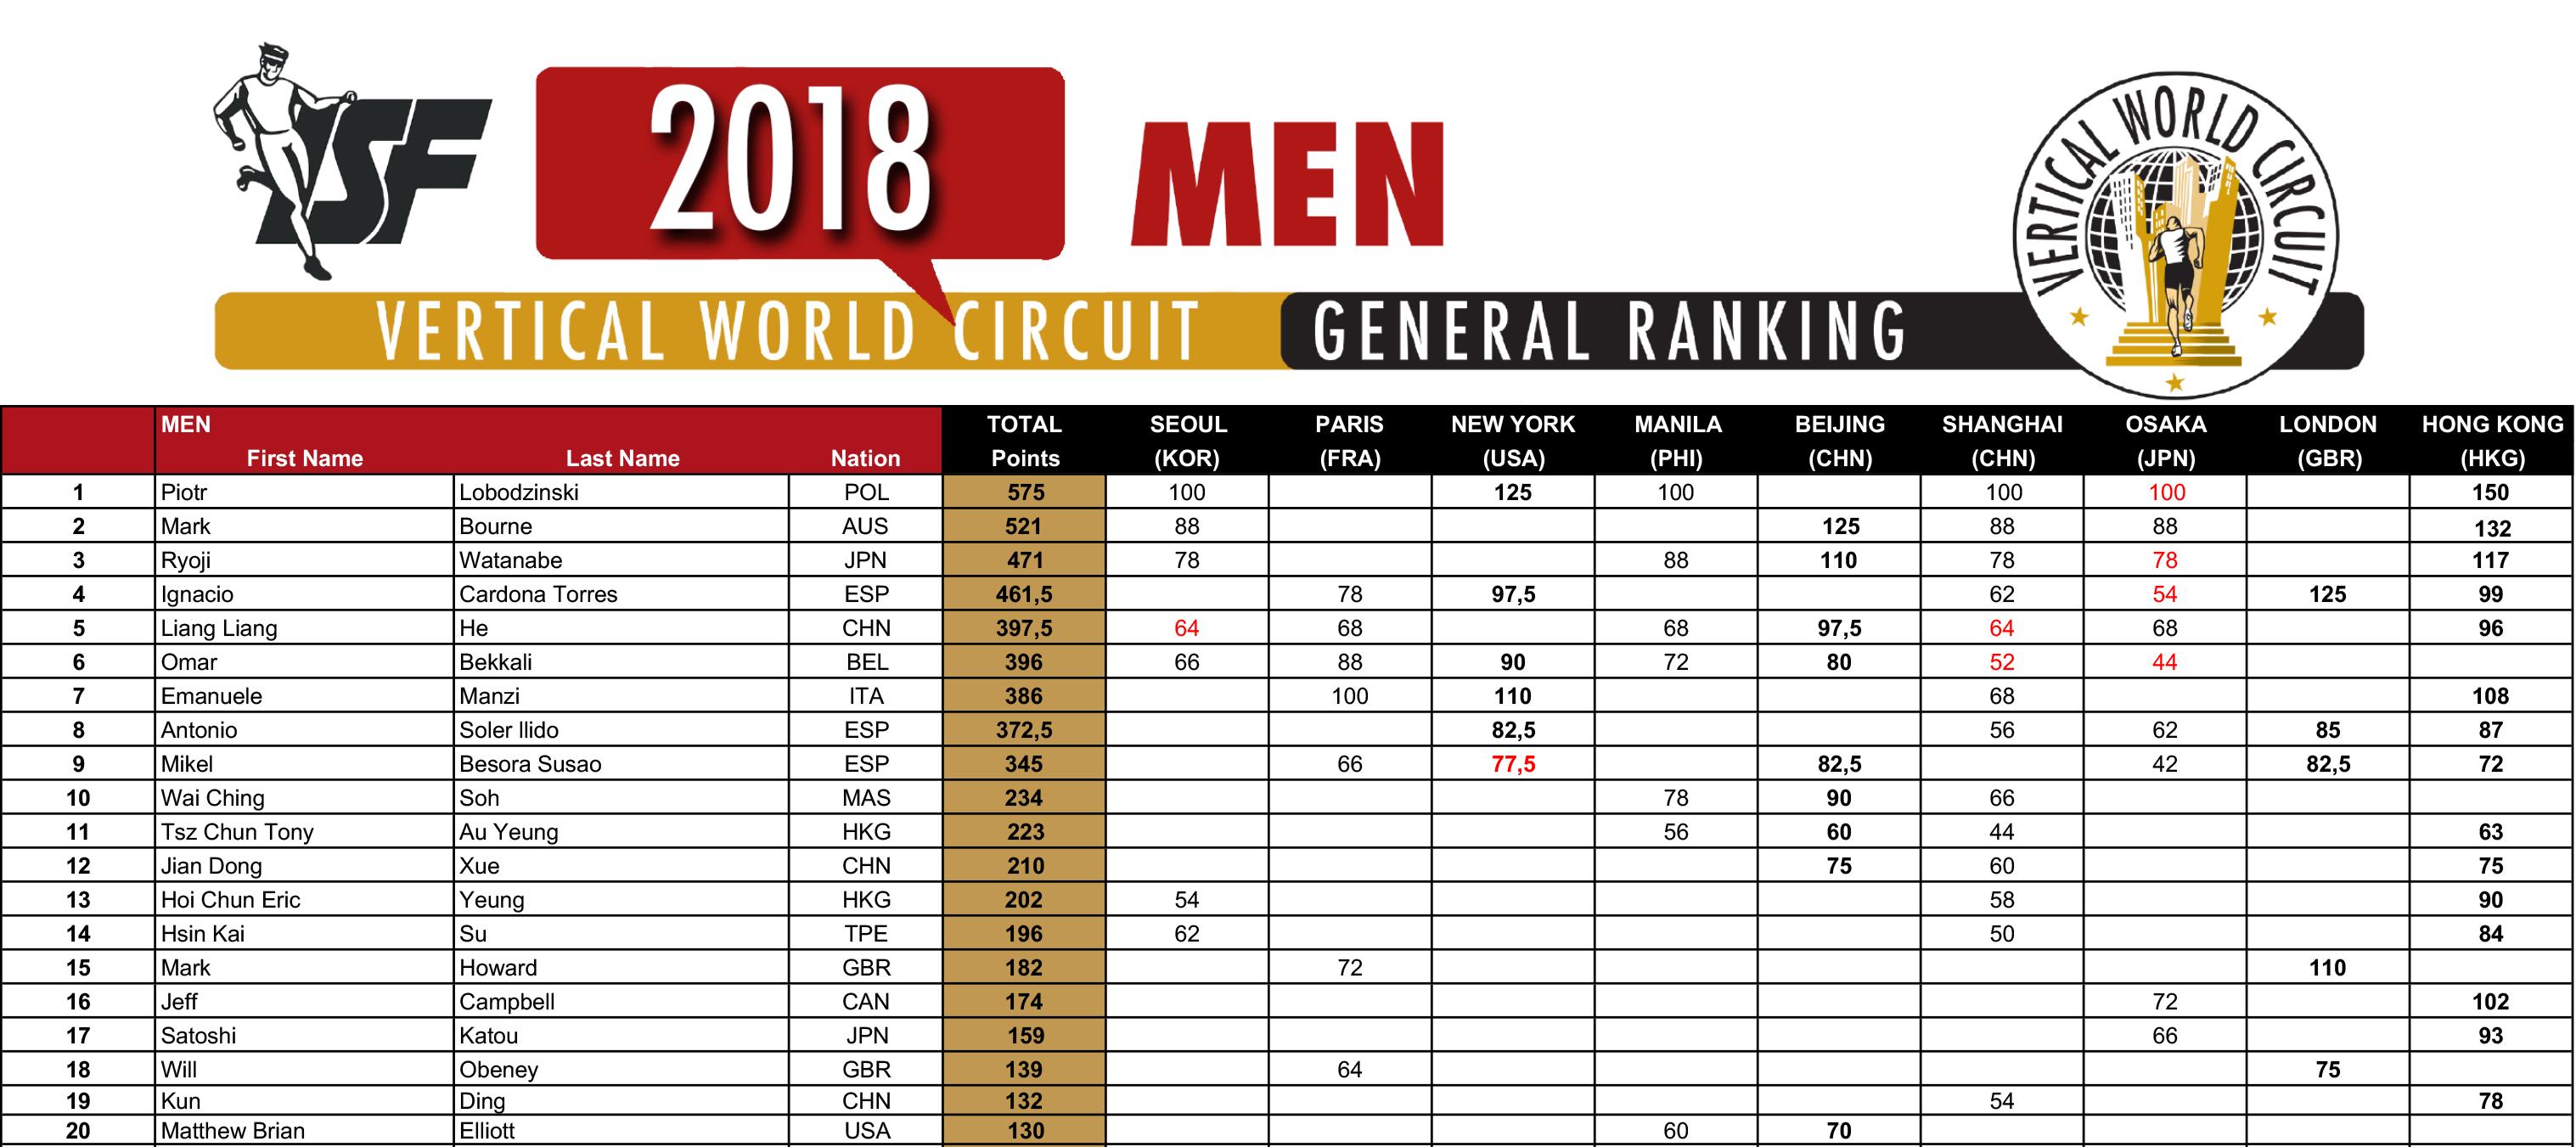 2018_VWC_Ranking_HONG-KONG_M-1-1